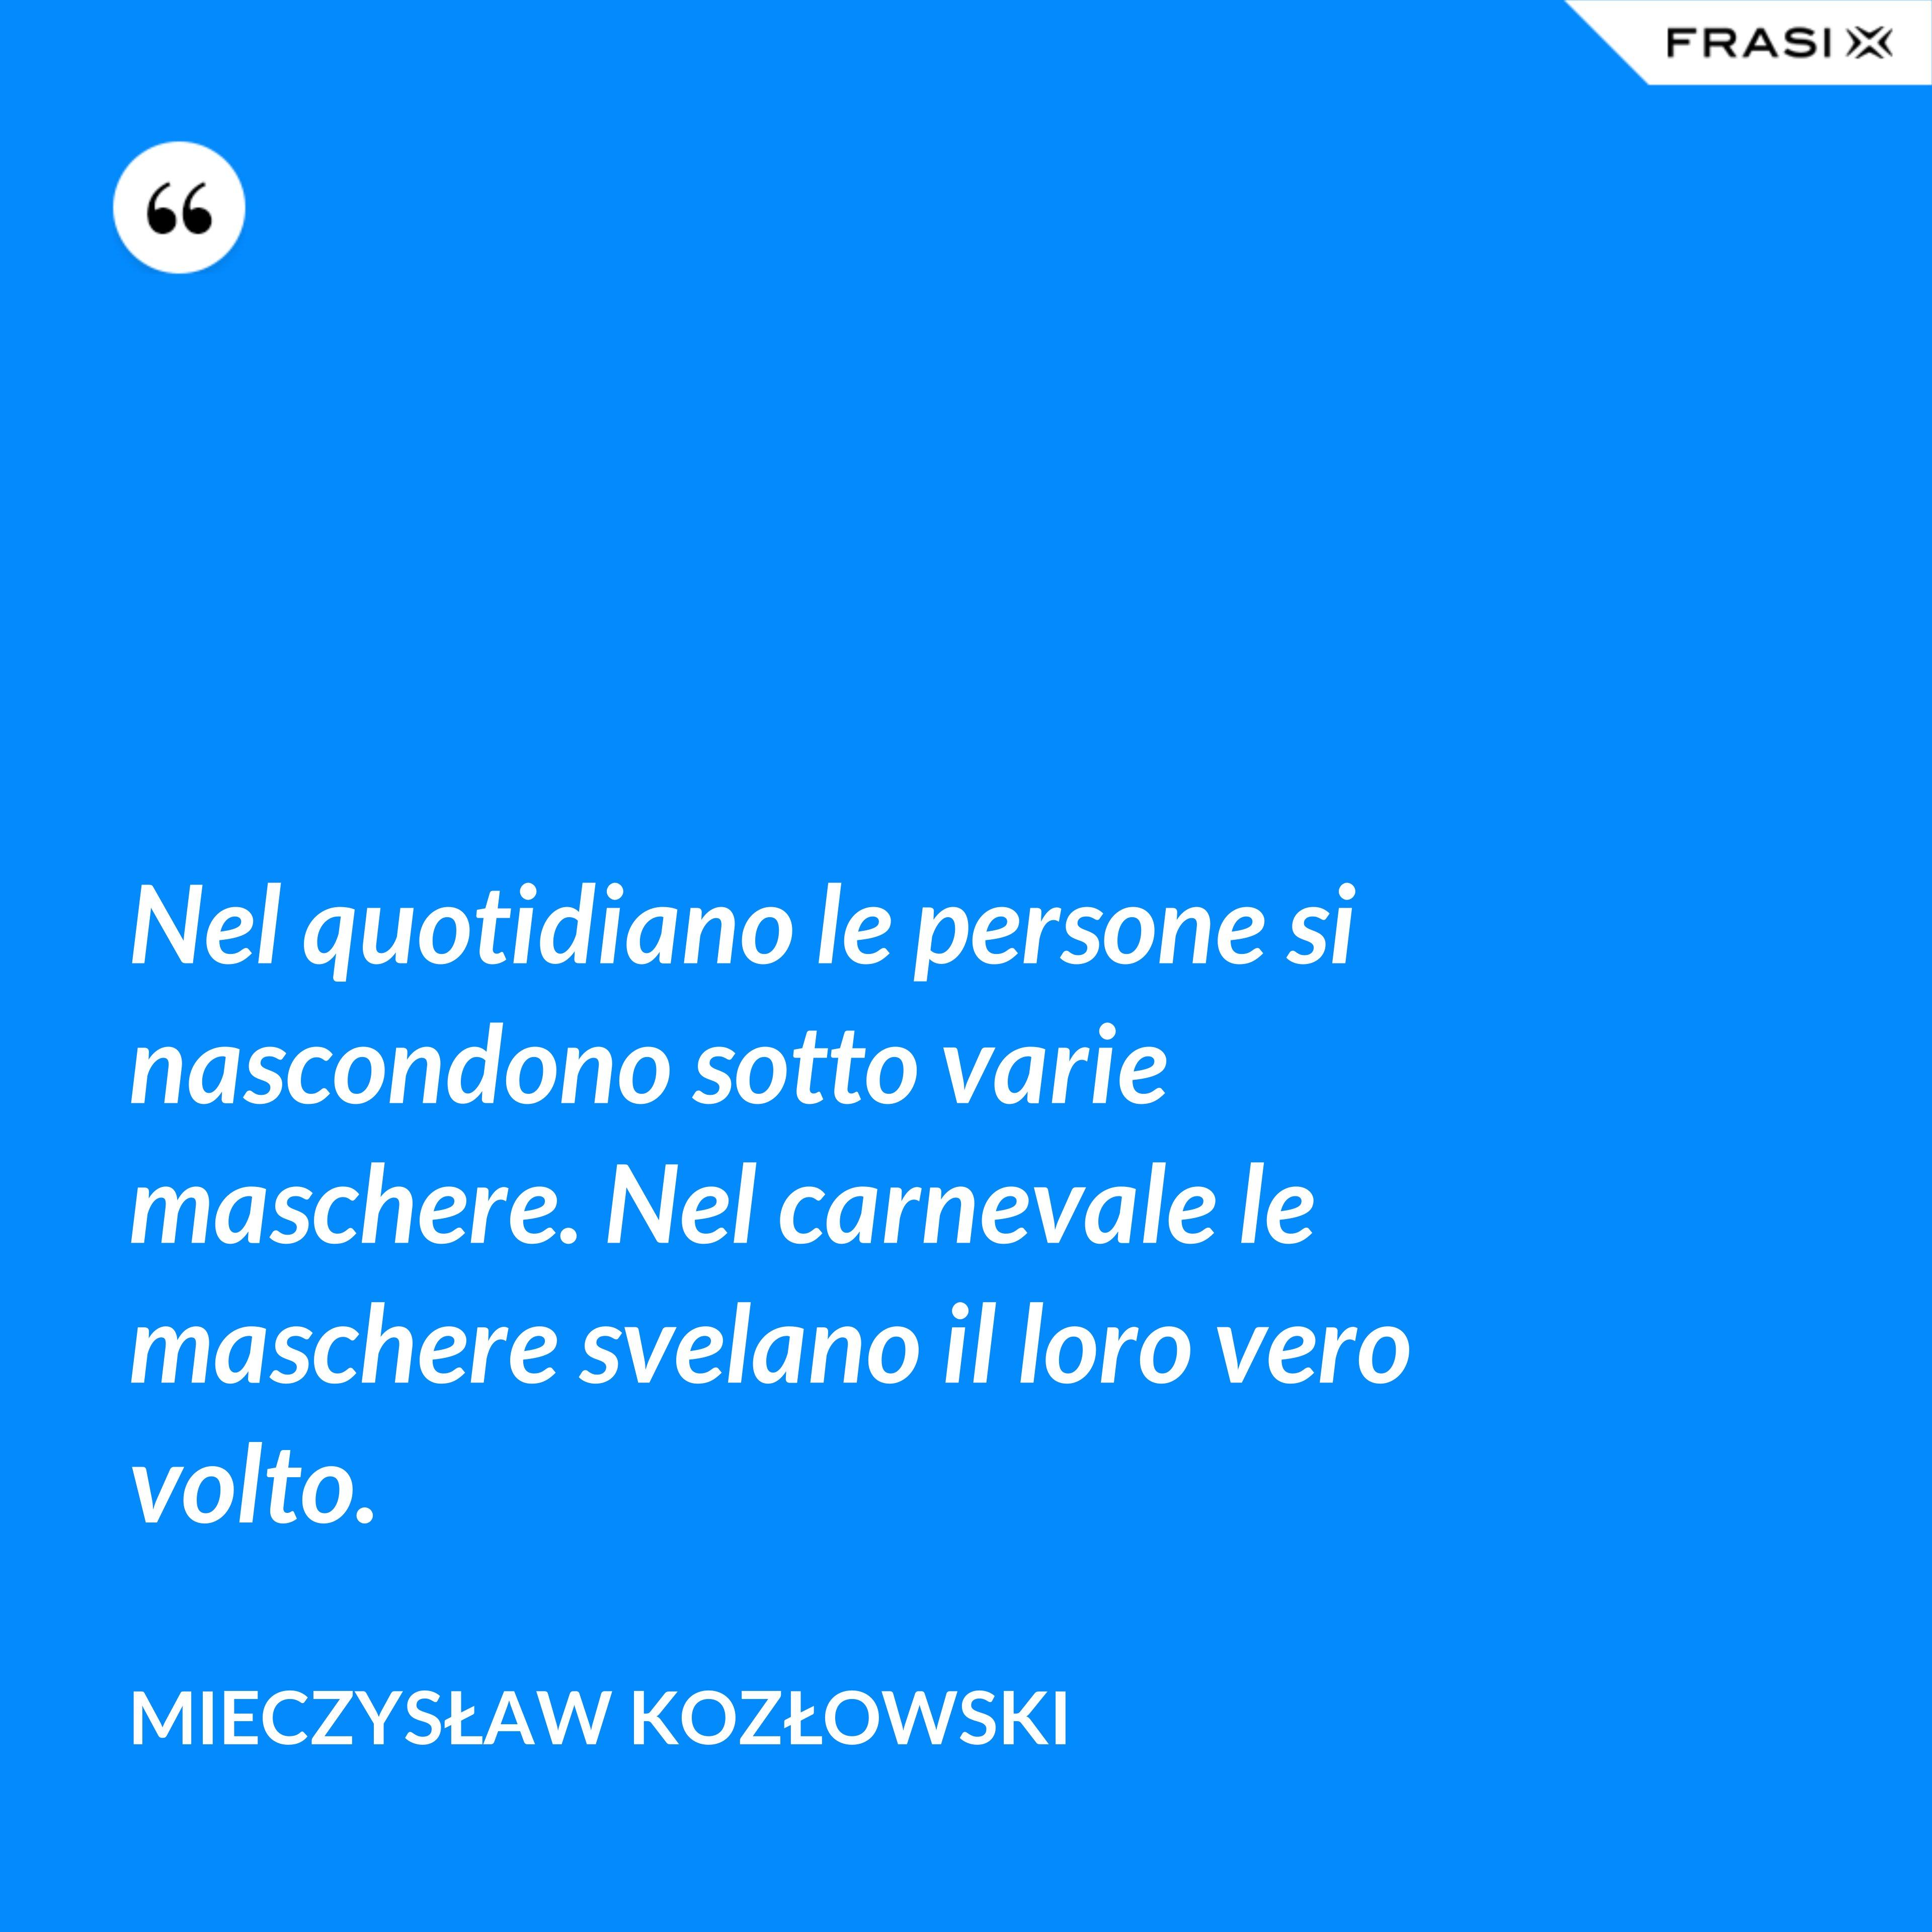 Nel quotidiano le persone si nascondono sotto varie maschere. Nel carnevale le maschere svelano il loro vero volto. - Mieczysław Kozłowski